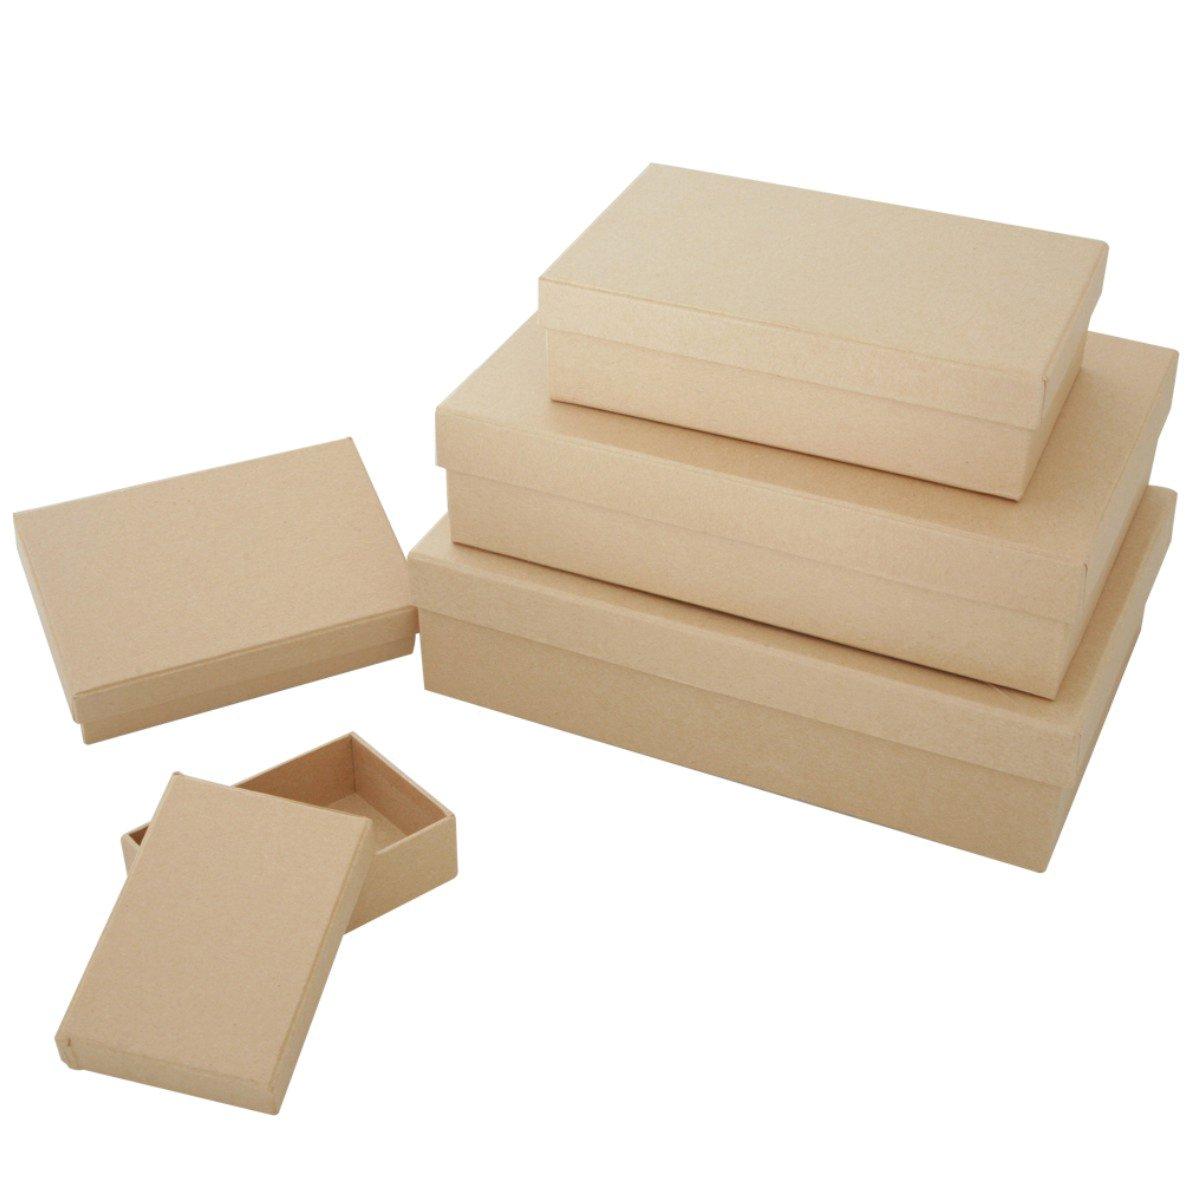 Art Alternatives MVPM06204 Paper-Mache Rectangle Box Set 5/Pkg